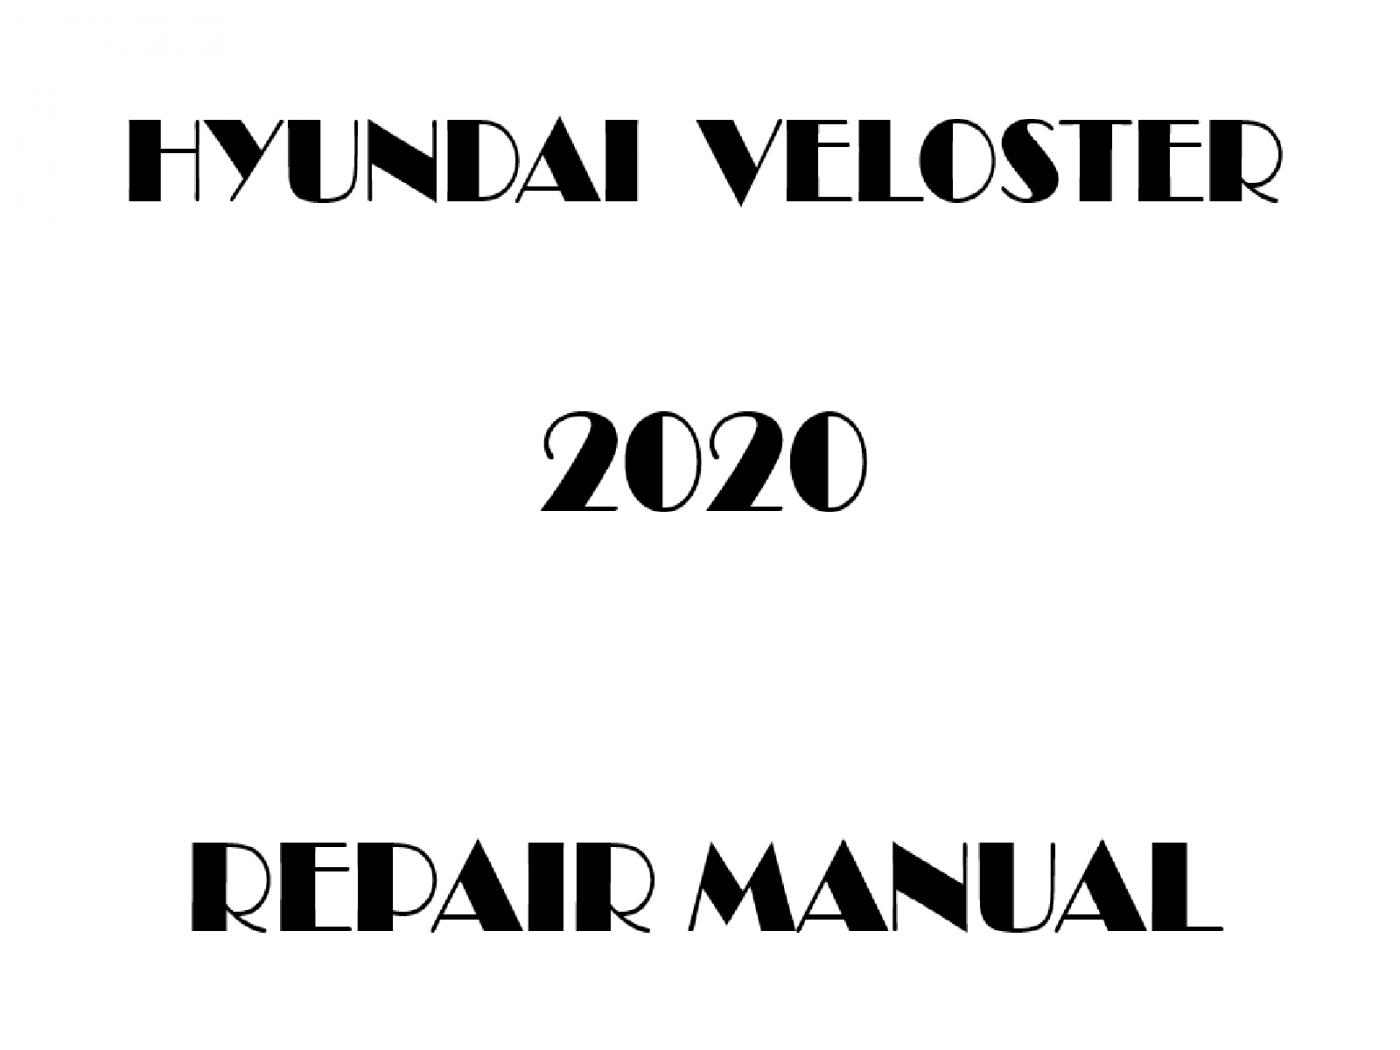 2020 Hyundai Veloster repair manual